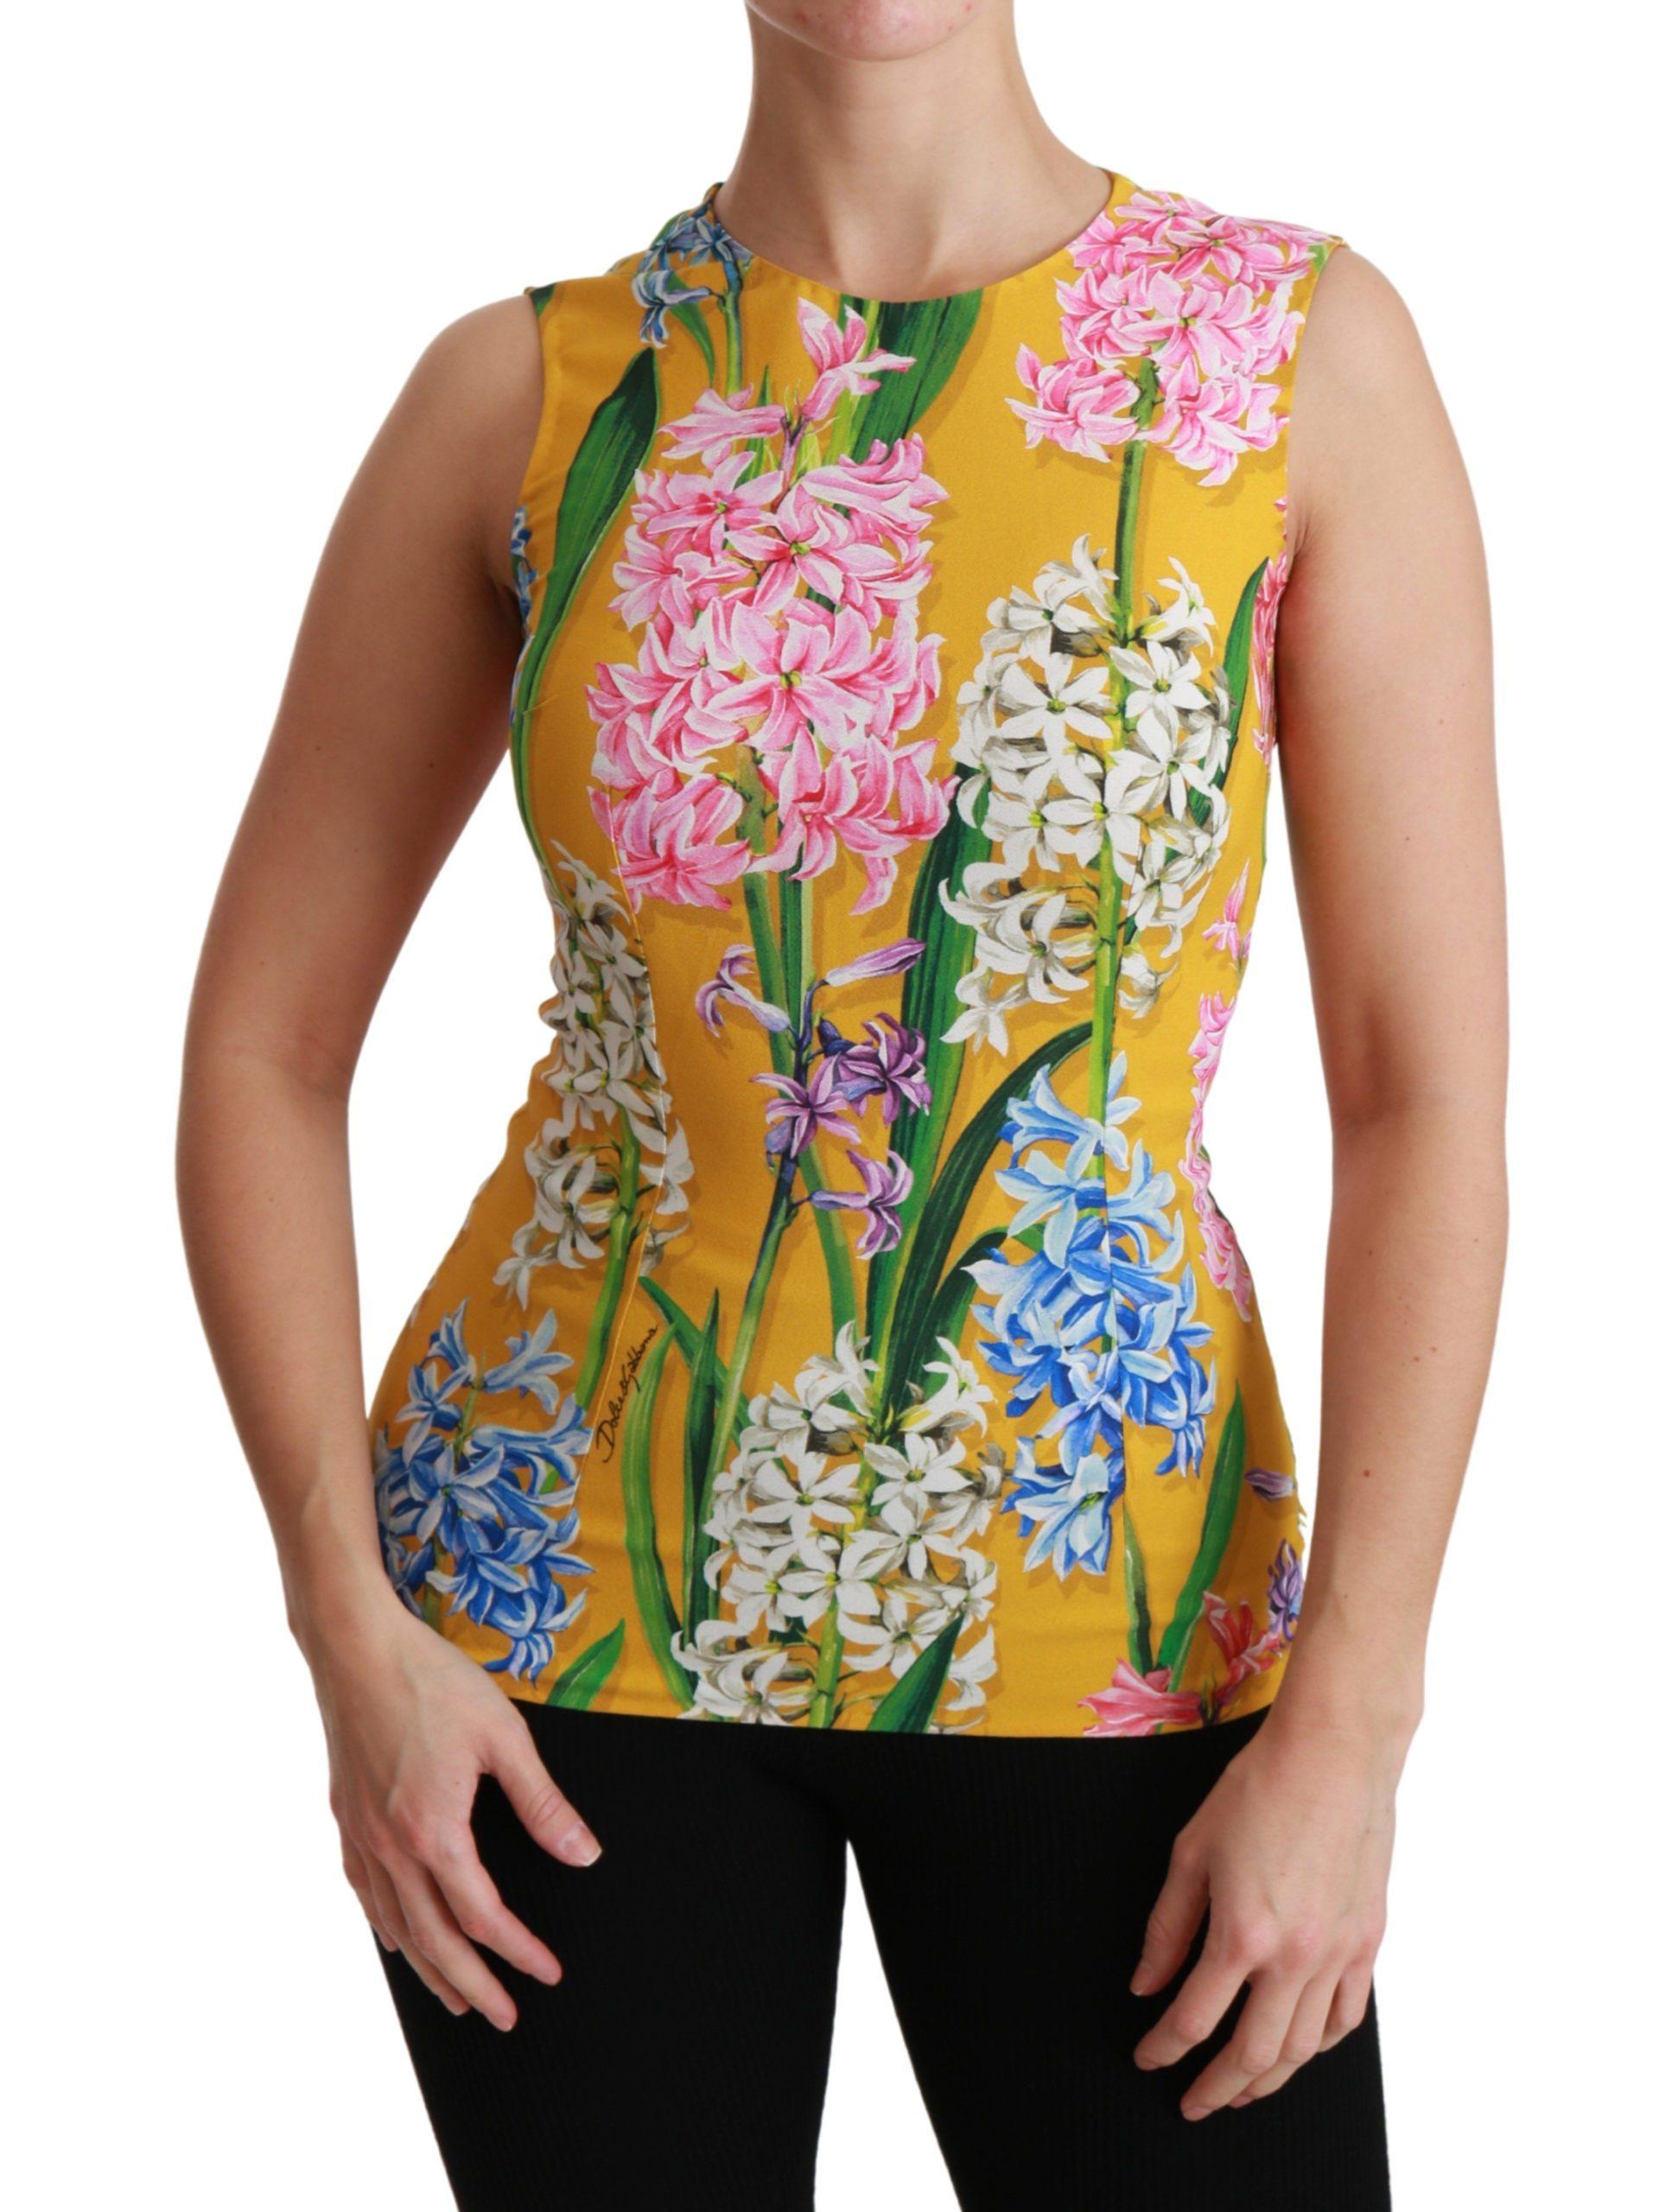 Dolce & Gabbana Women's Floral Stretch Top Yellow TSH4479 - IT38 XS